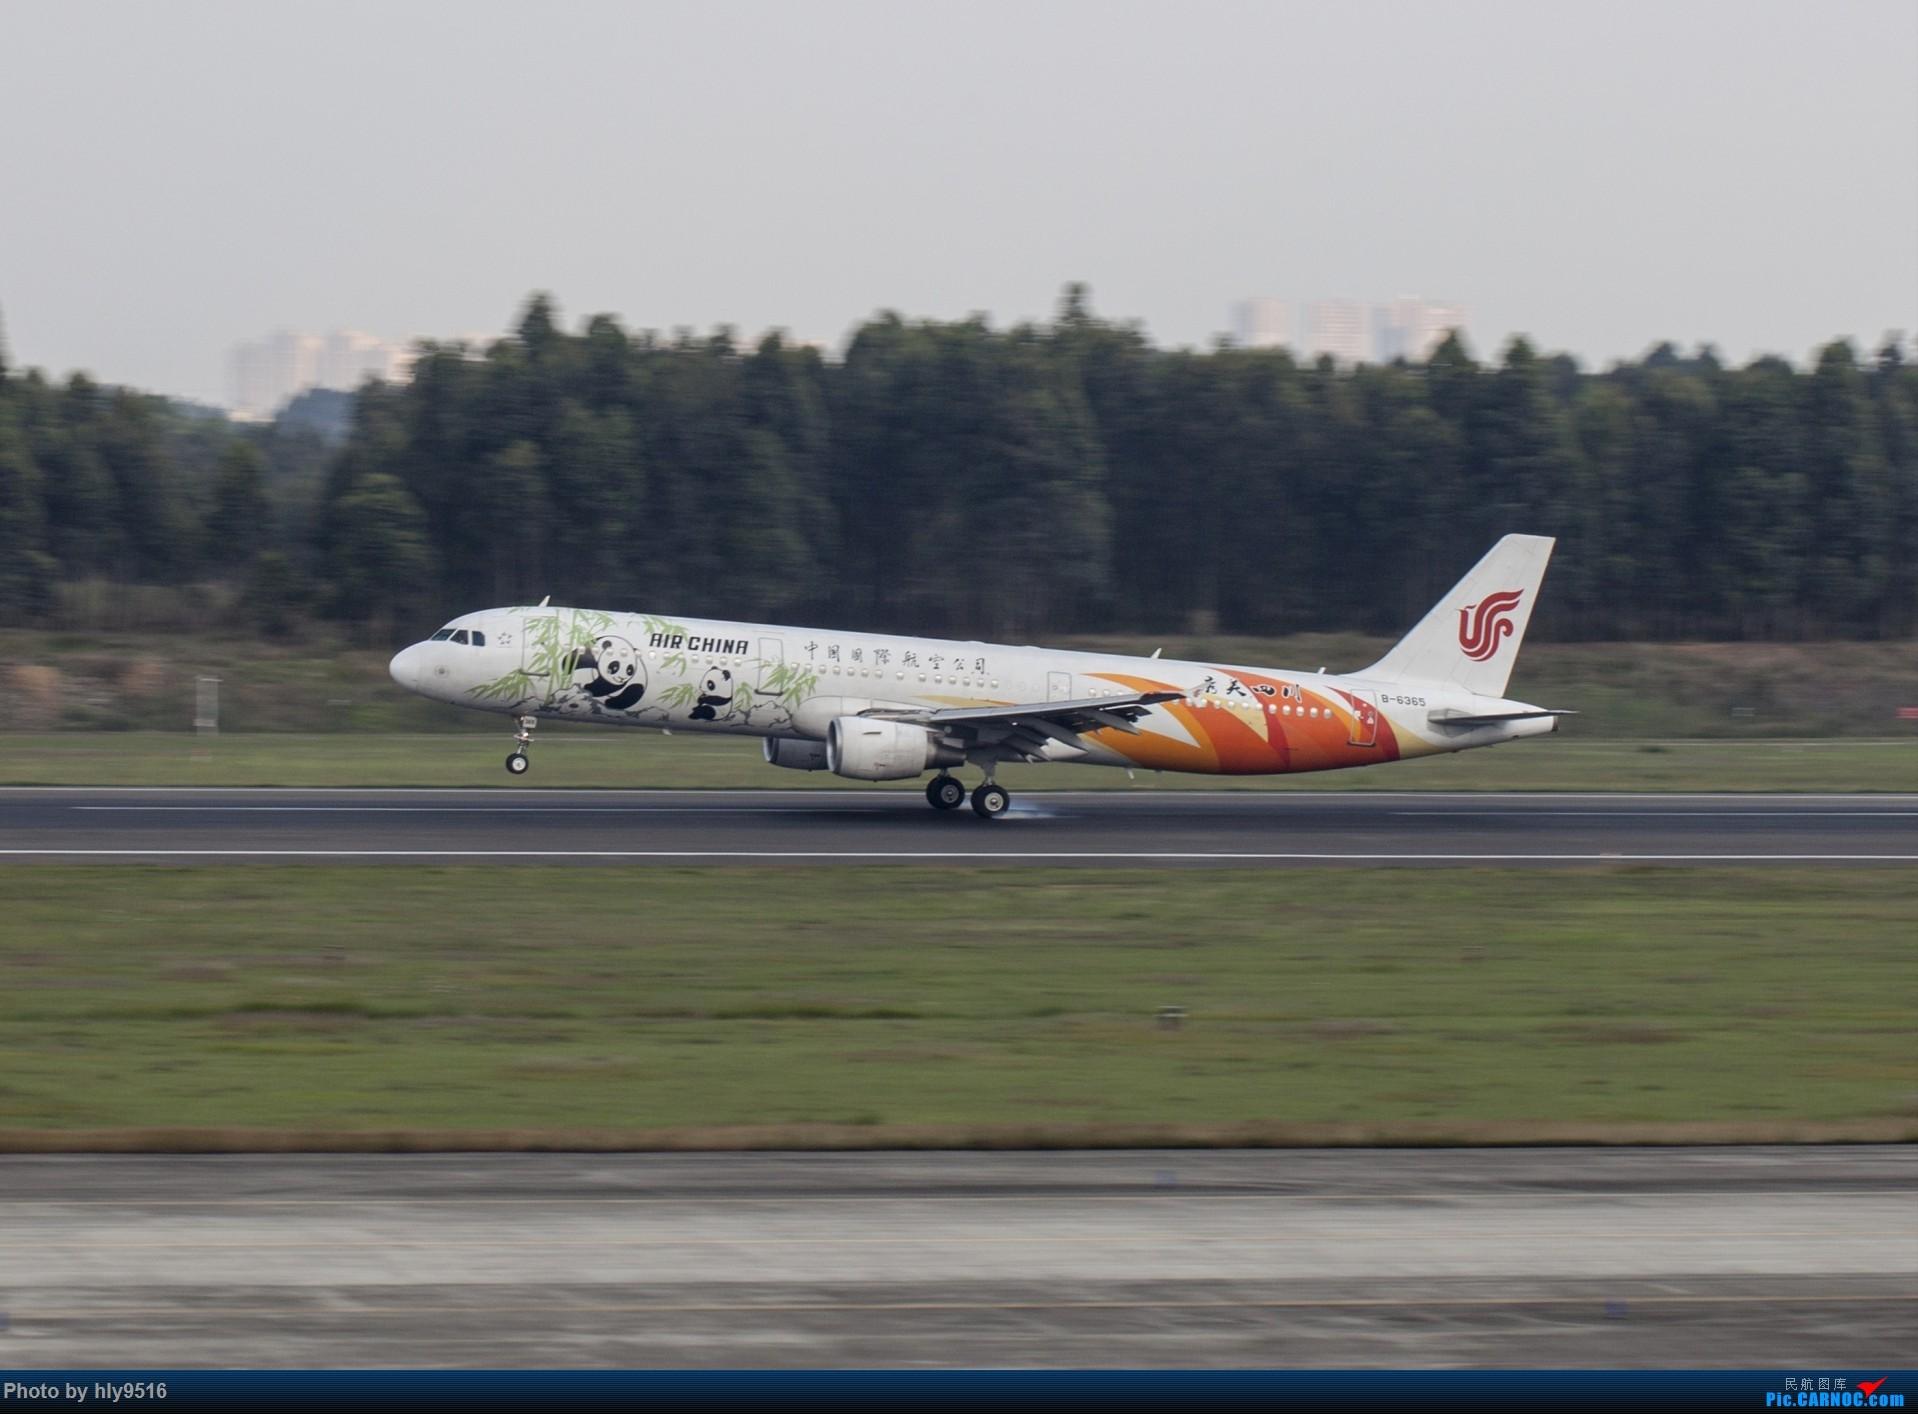 Re:[原创]【CTU】终于解决了大怨念南航A380 偶遇长荣新涂装 两次复飞 小怨念若干 AIRBUS A321-200 B-6365 中国成都双流国际机场